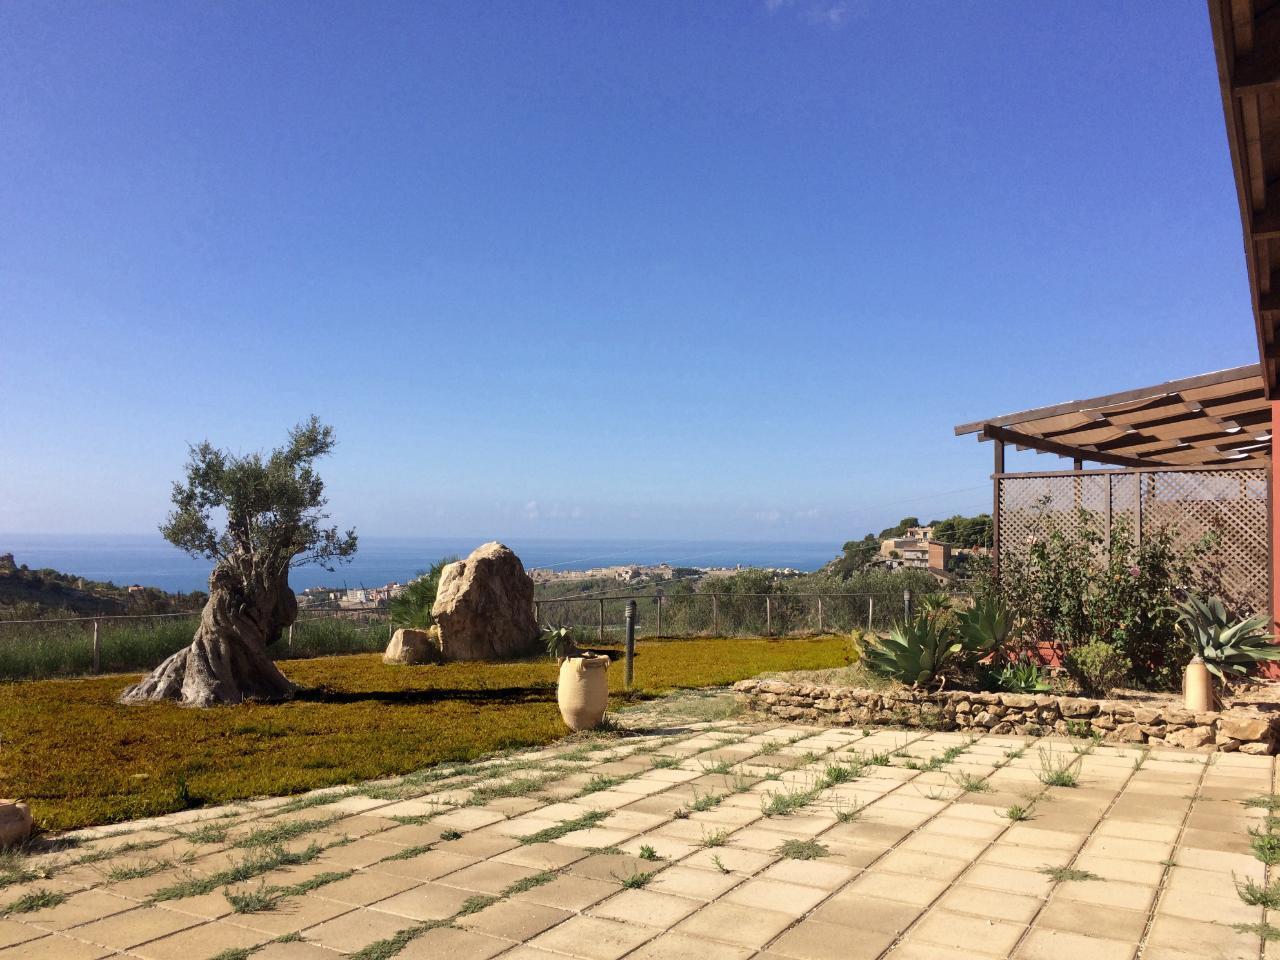 Ferienhaus Ferienwohnungen (405224), Sciacca, Agrigento, Sizilien, Italien, Bild 21